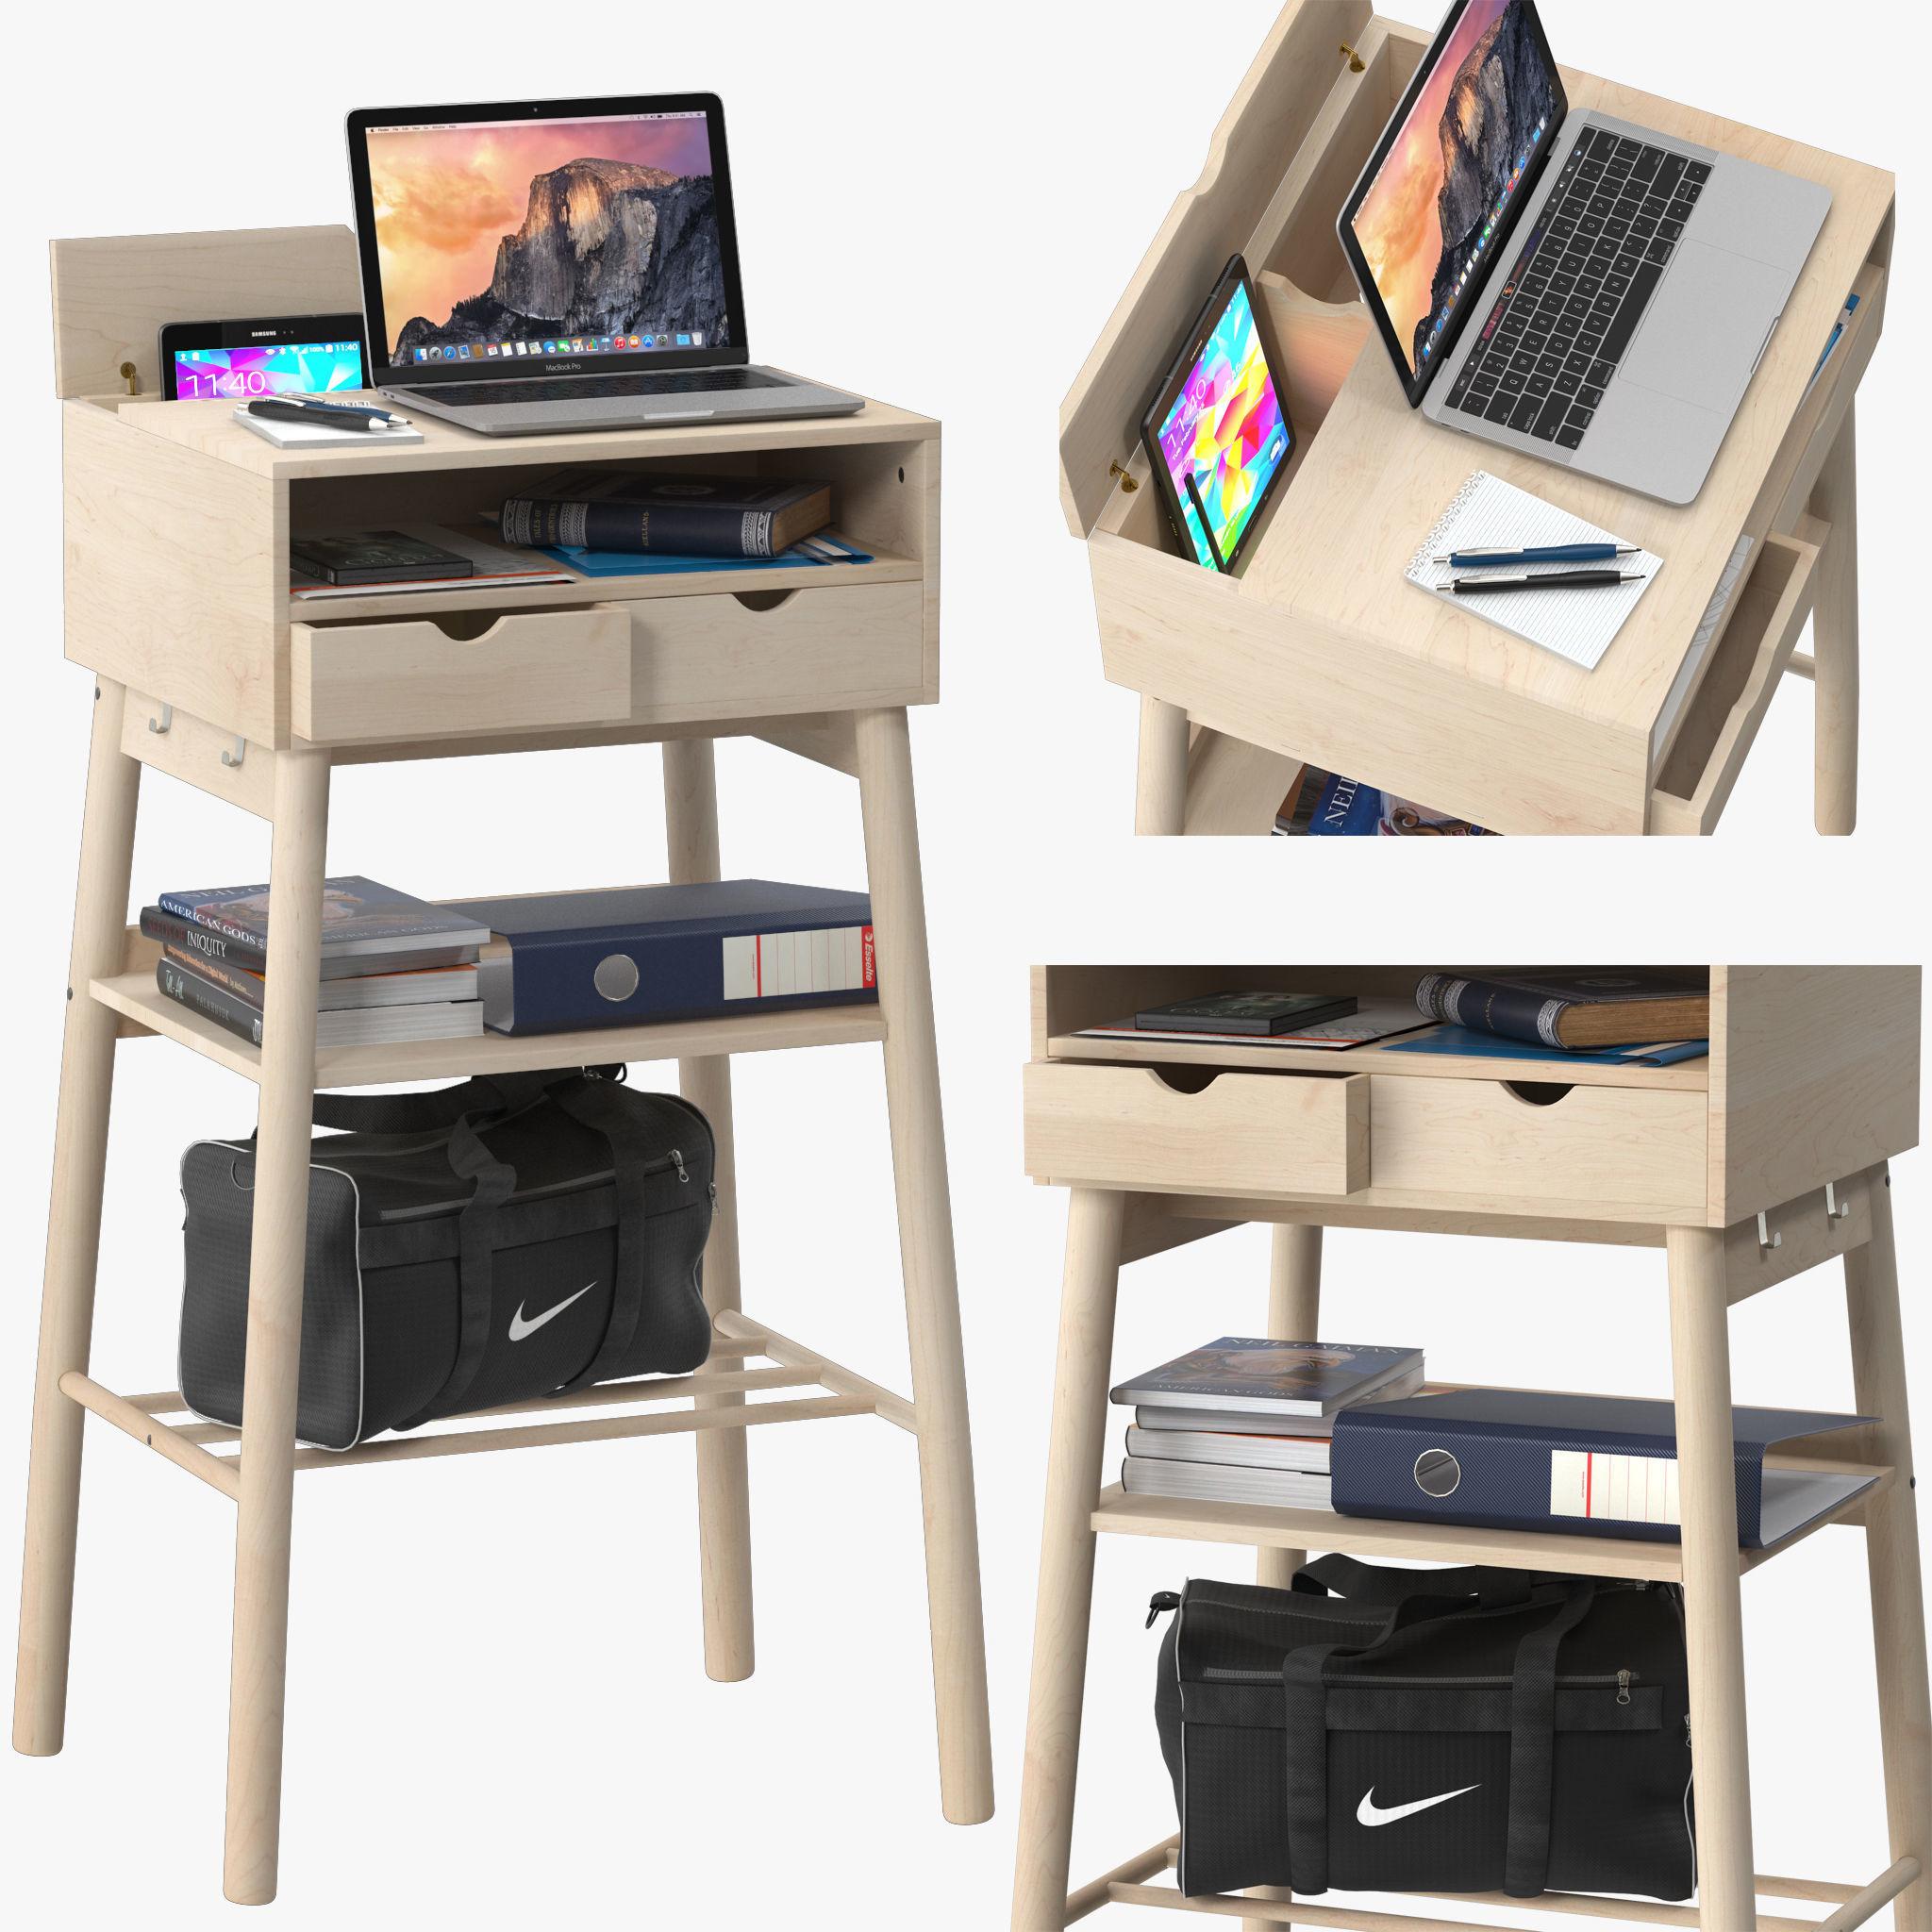 Ikea Knotten Standing Desks 3d Cgtrader